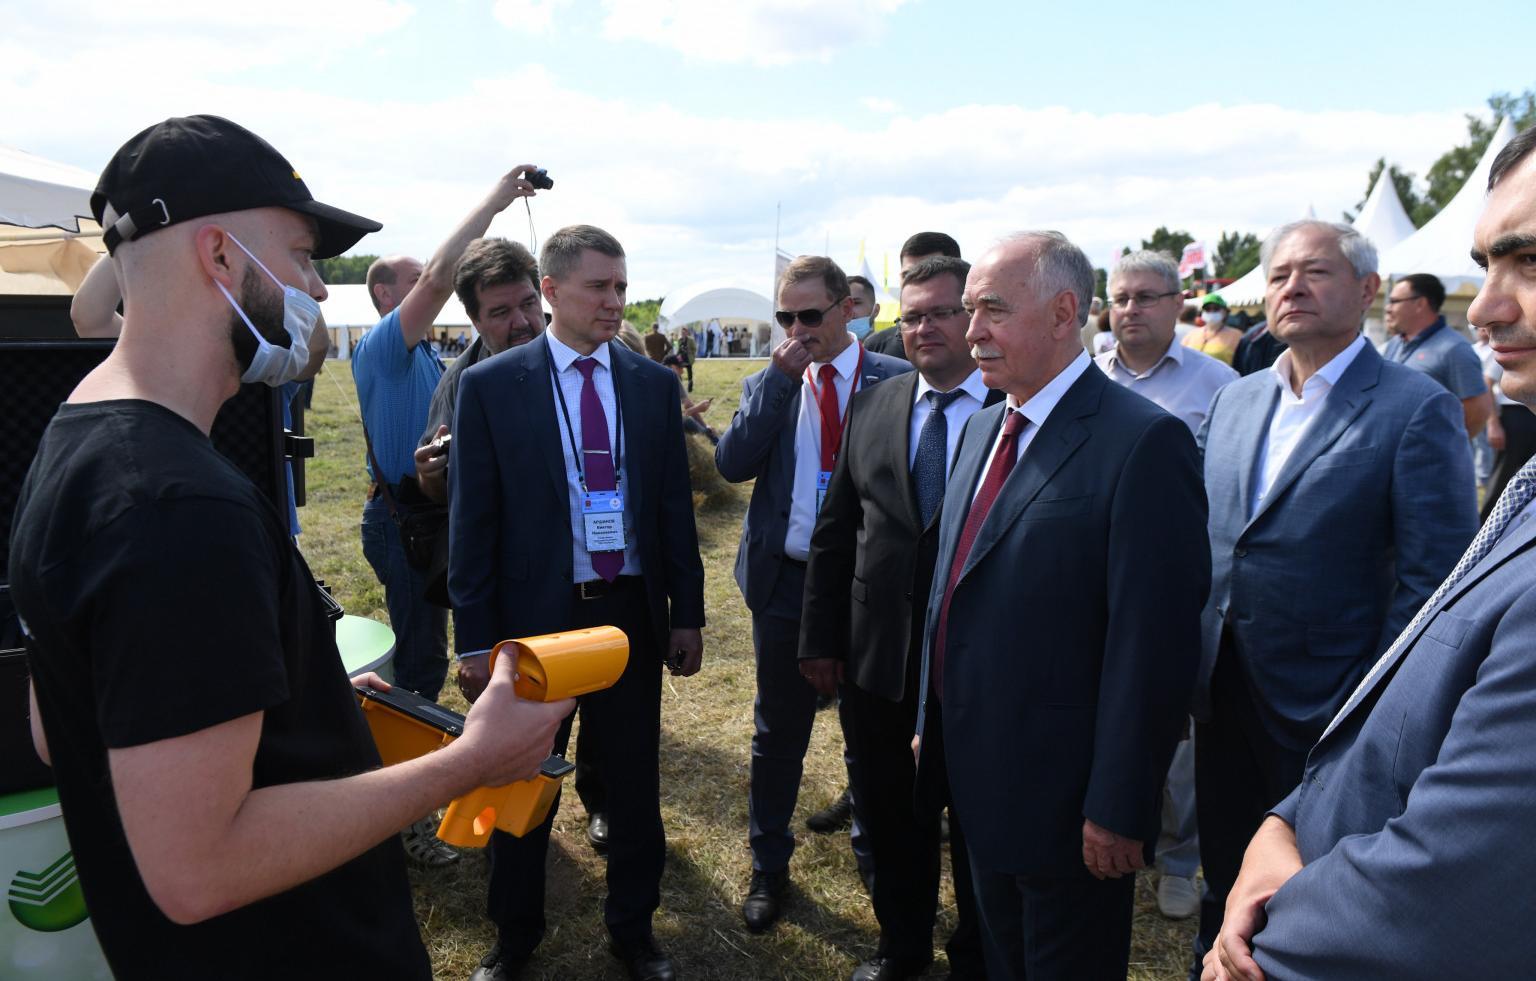 В Тверской области на Дне льняного поля впервые представили технологии беспилотного вождения для сельского хозяйства - новости Афанасий